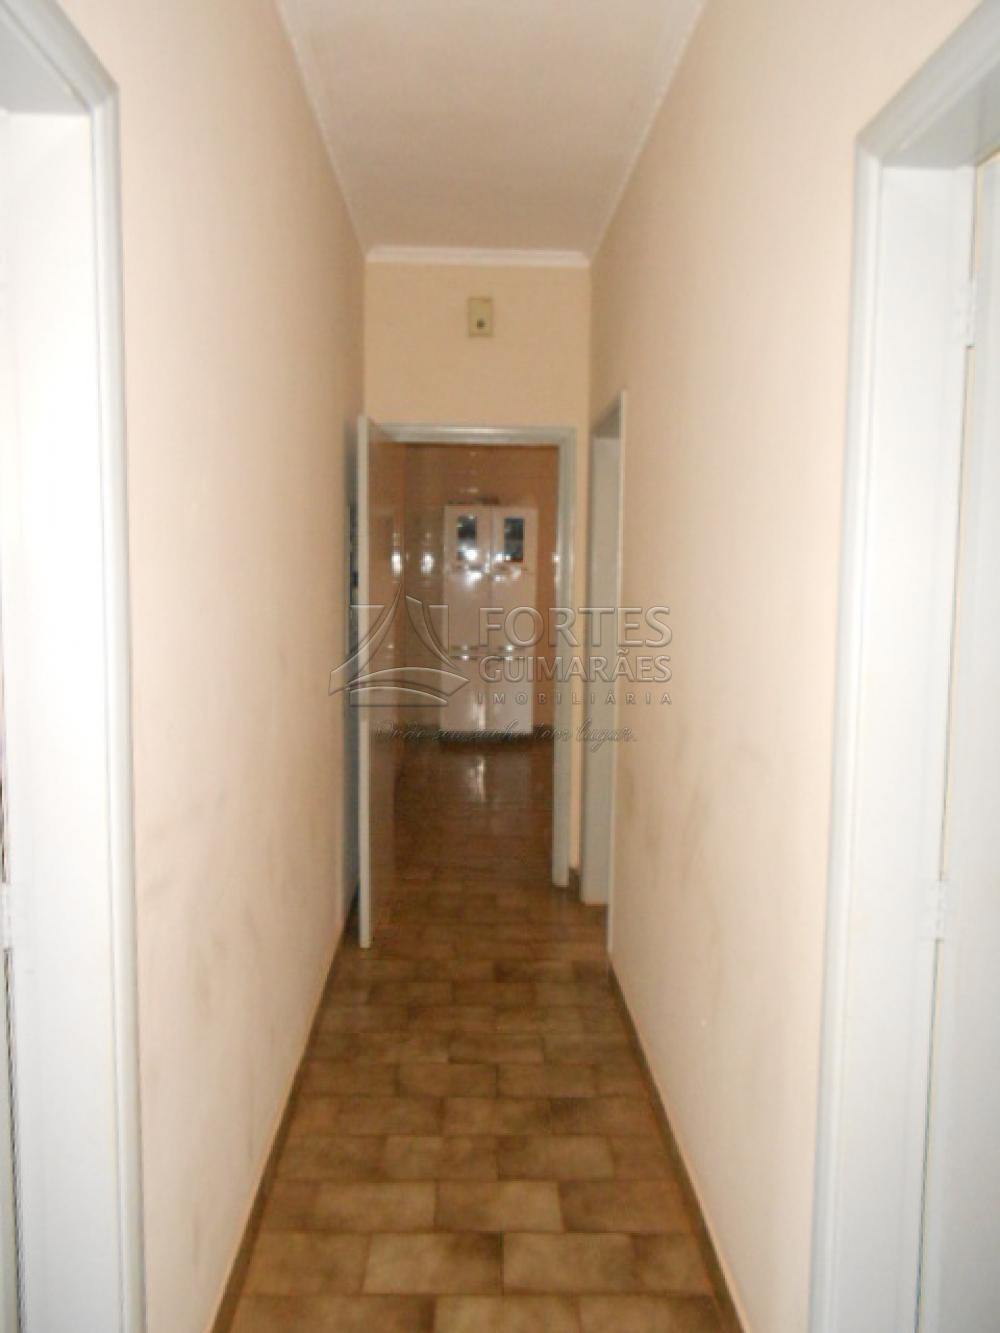 Alugar Casas / Condomínio em Jardinópolis apenas R$ 2.500,00 - Foto 14